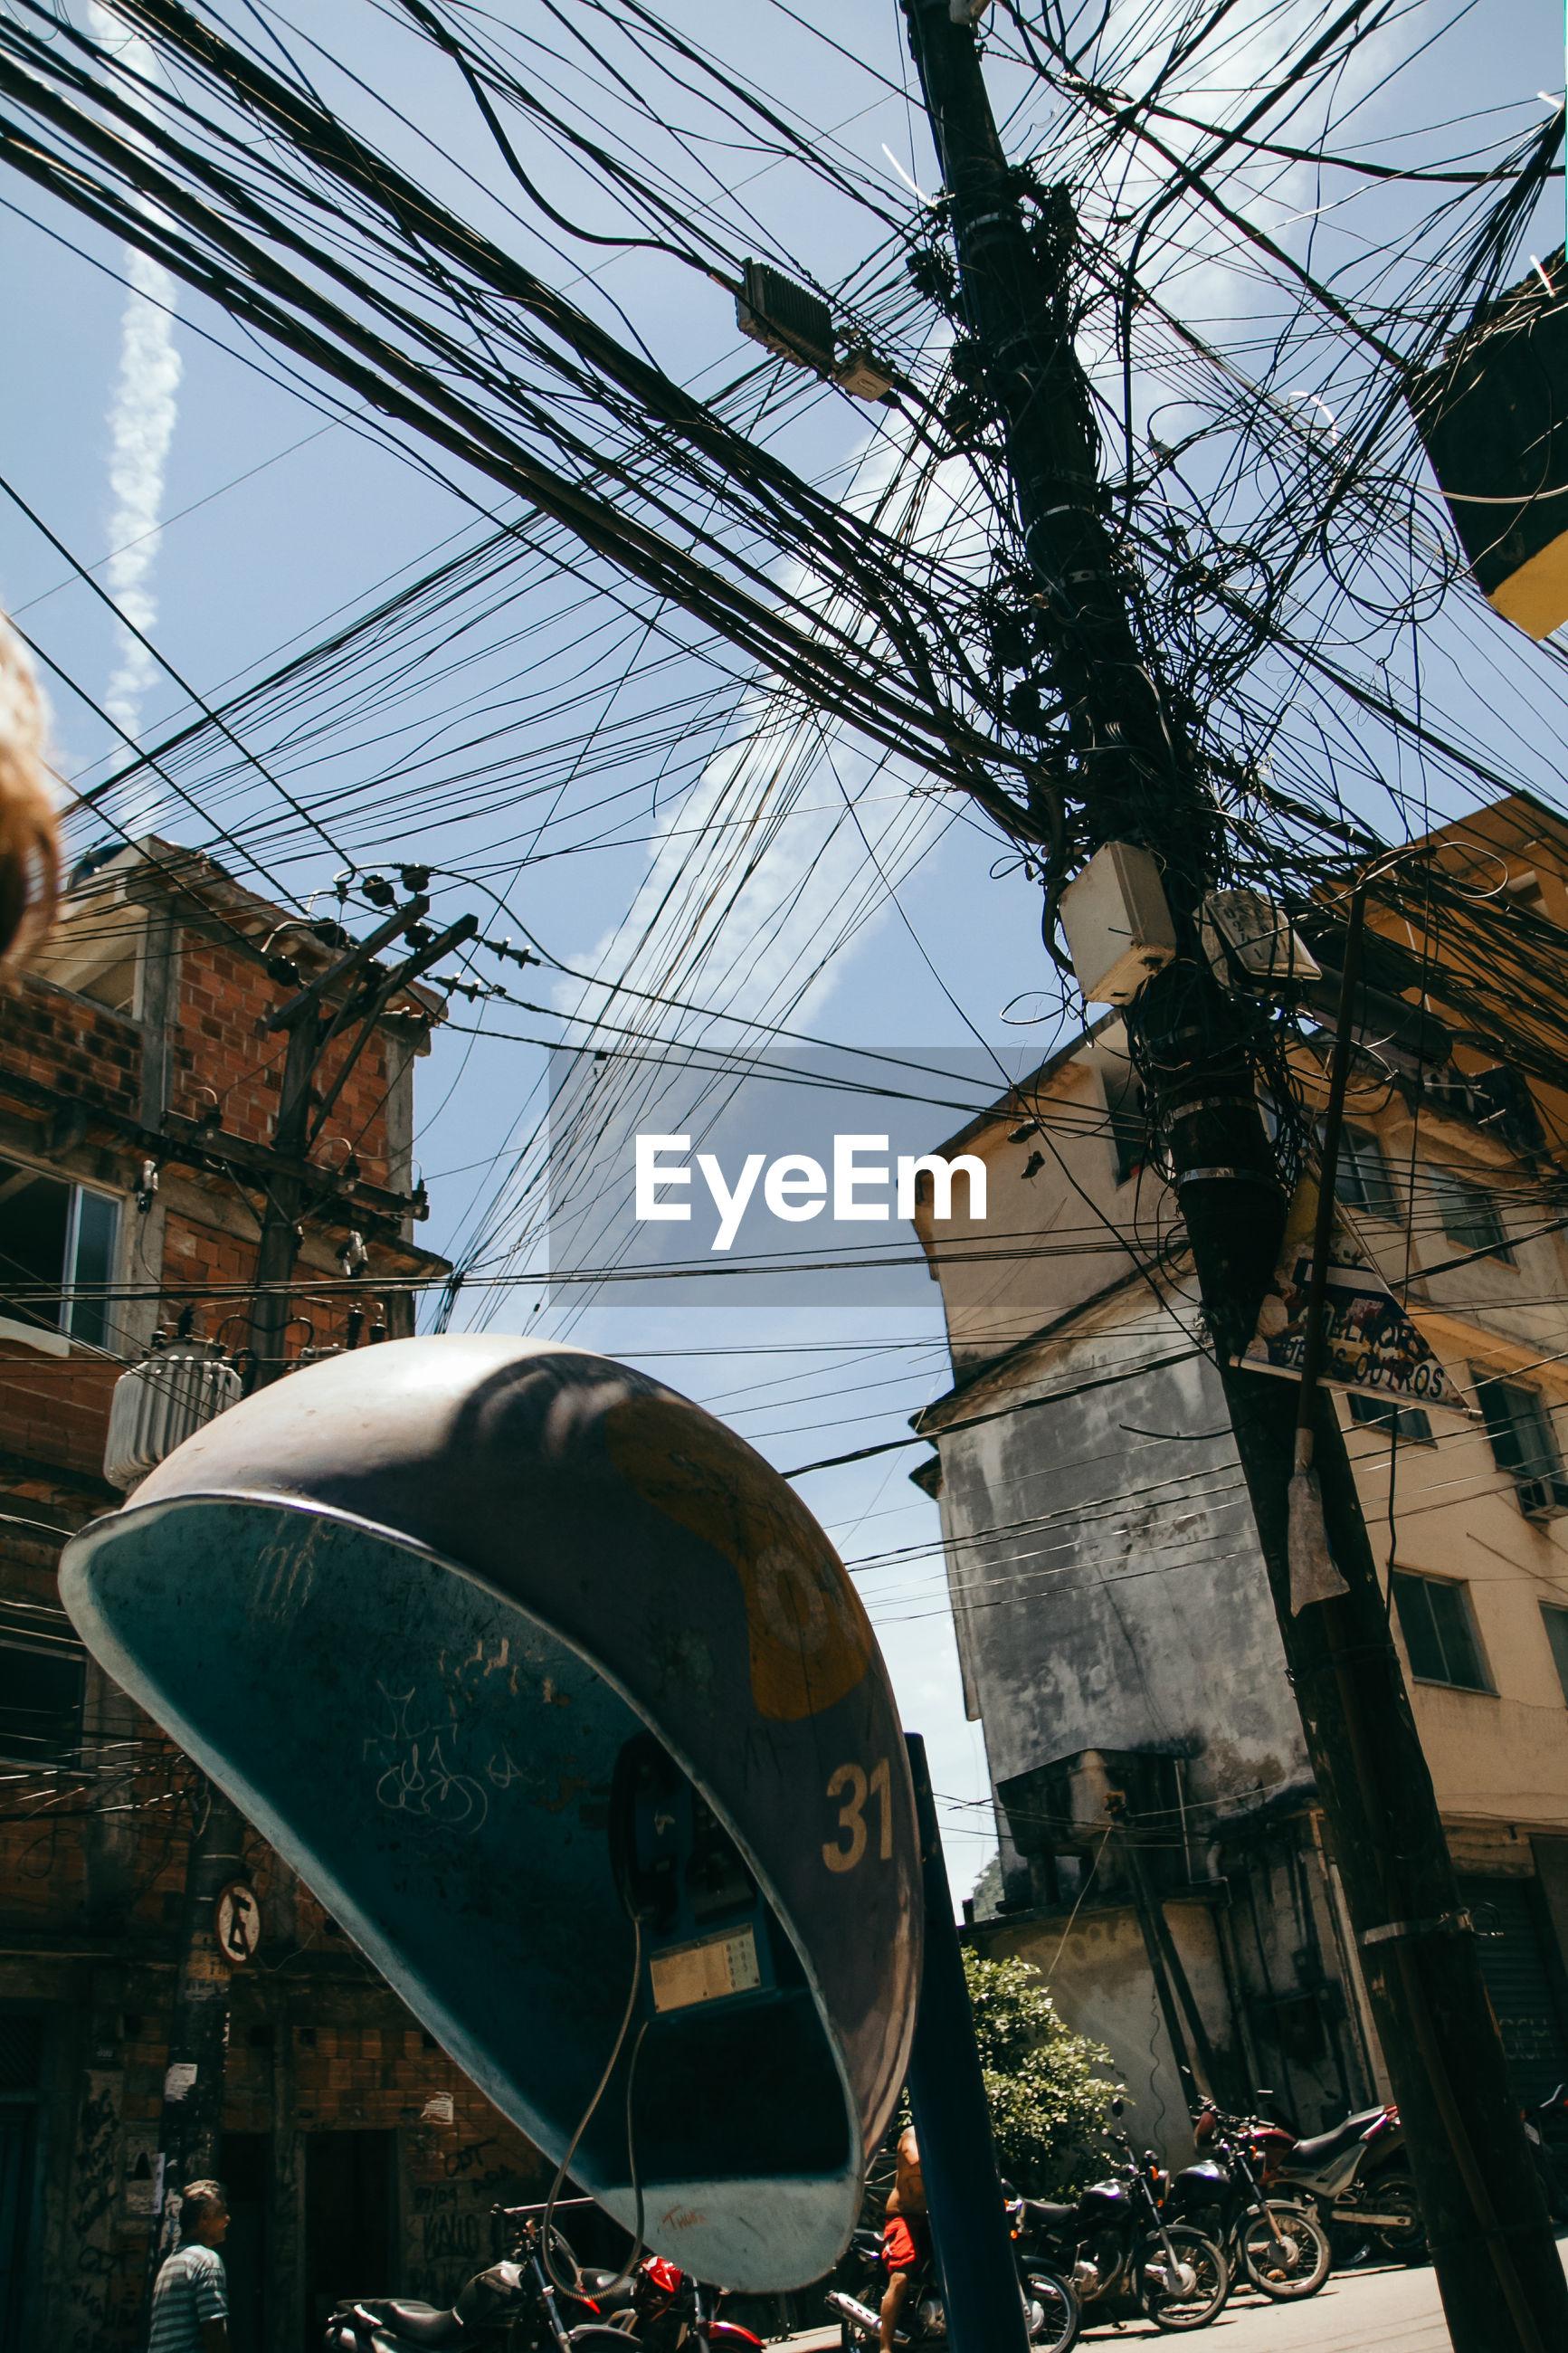 Illeale wires in the rocinha favela, rio de janeiro - brazil